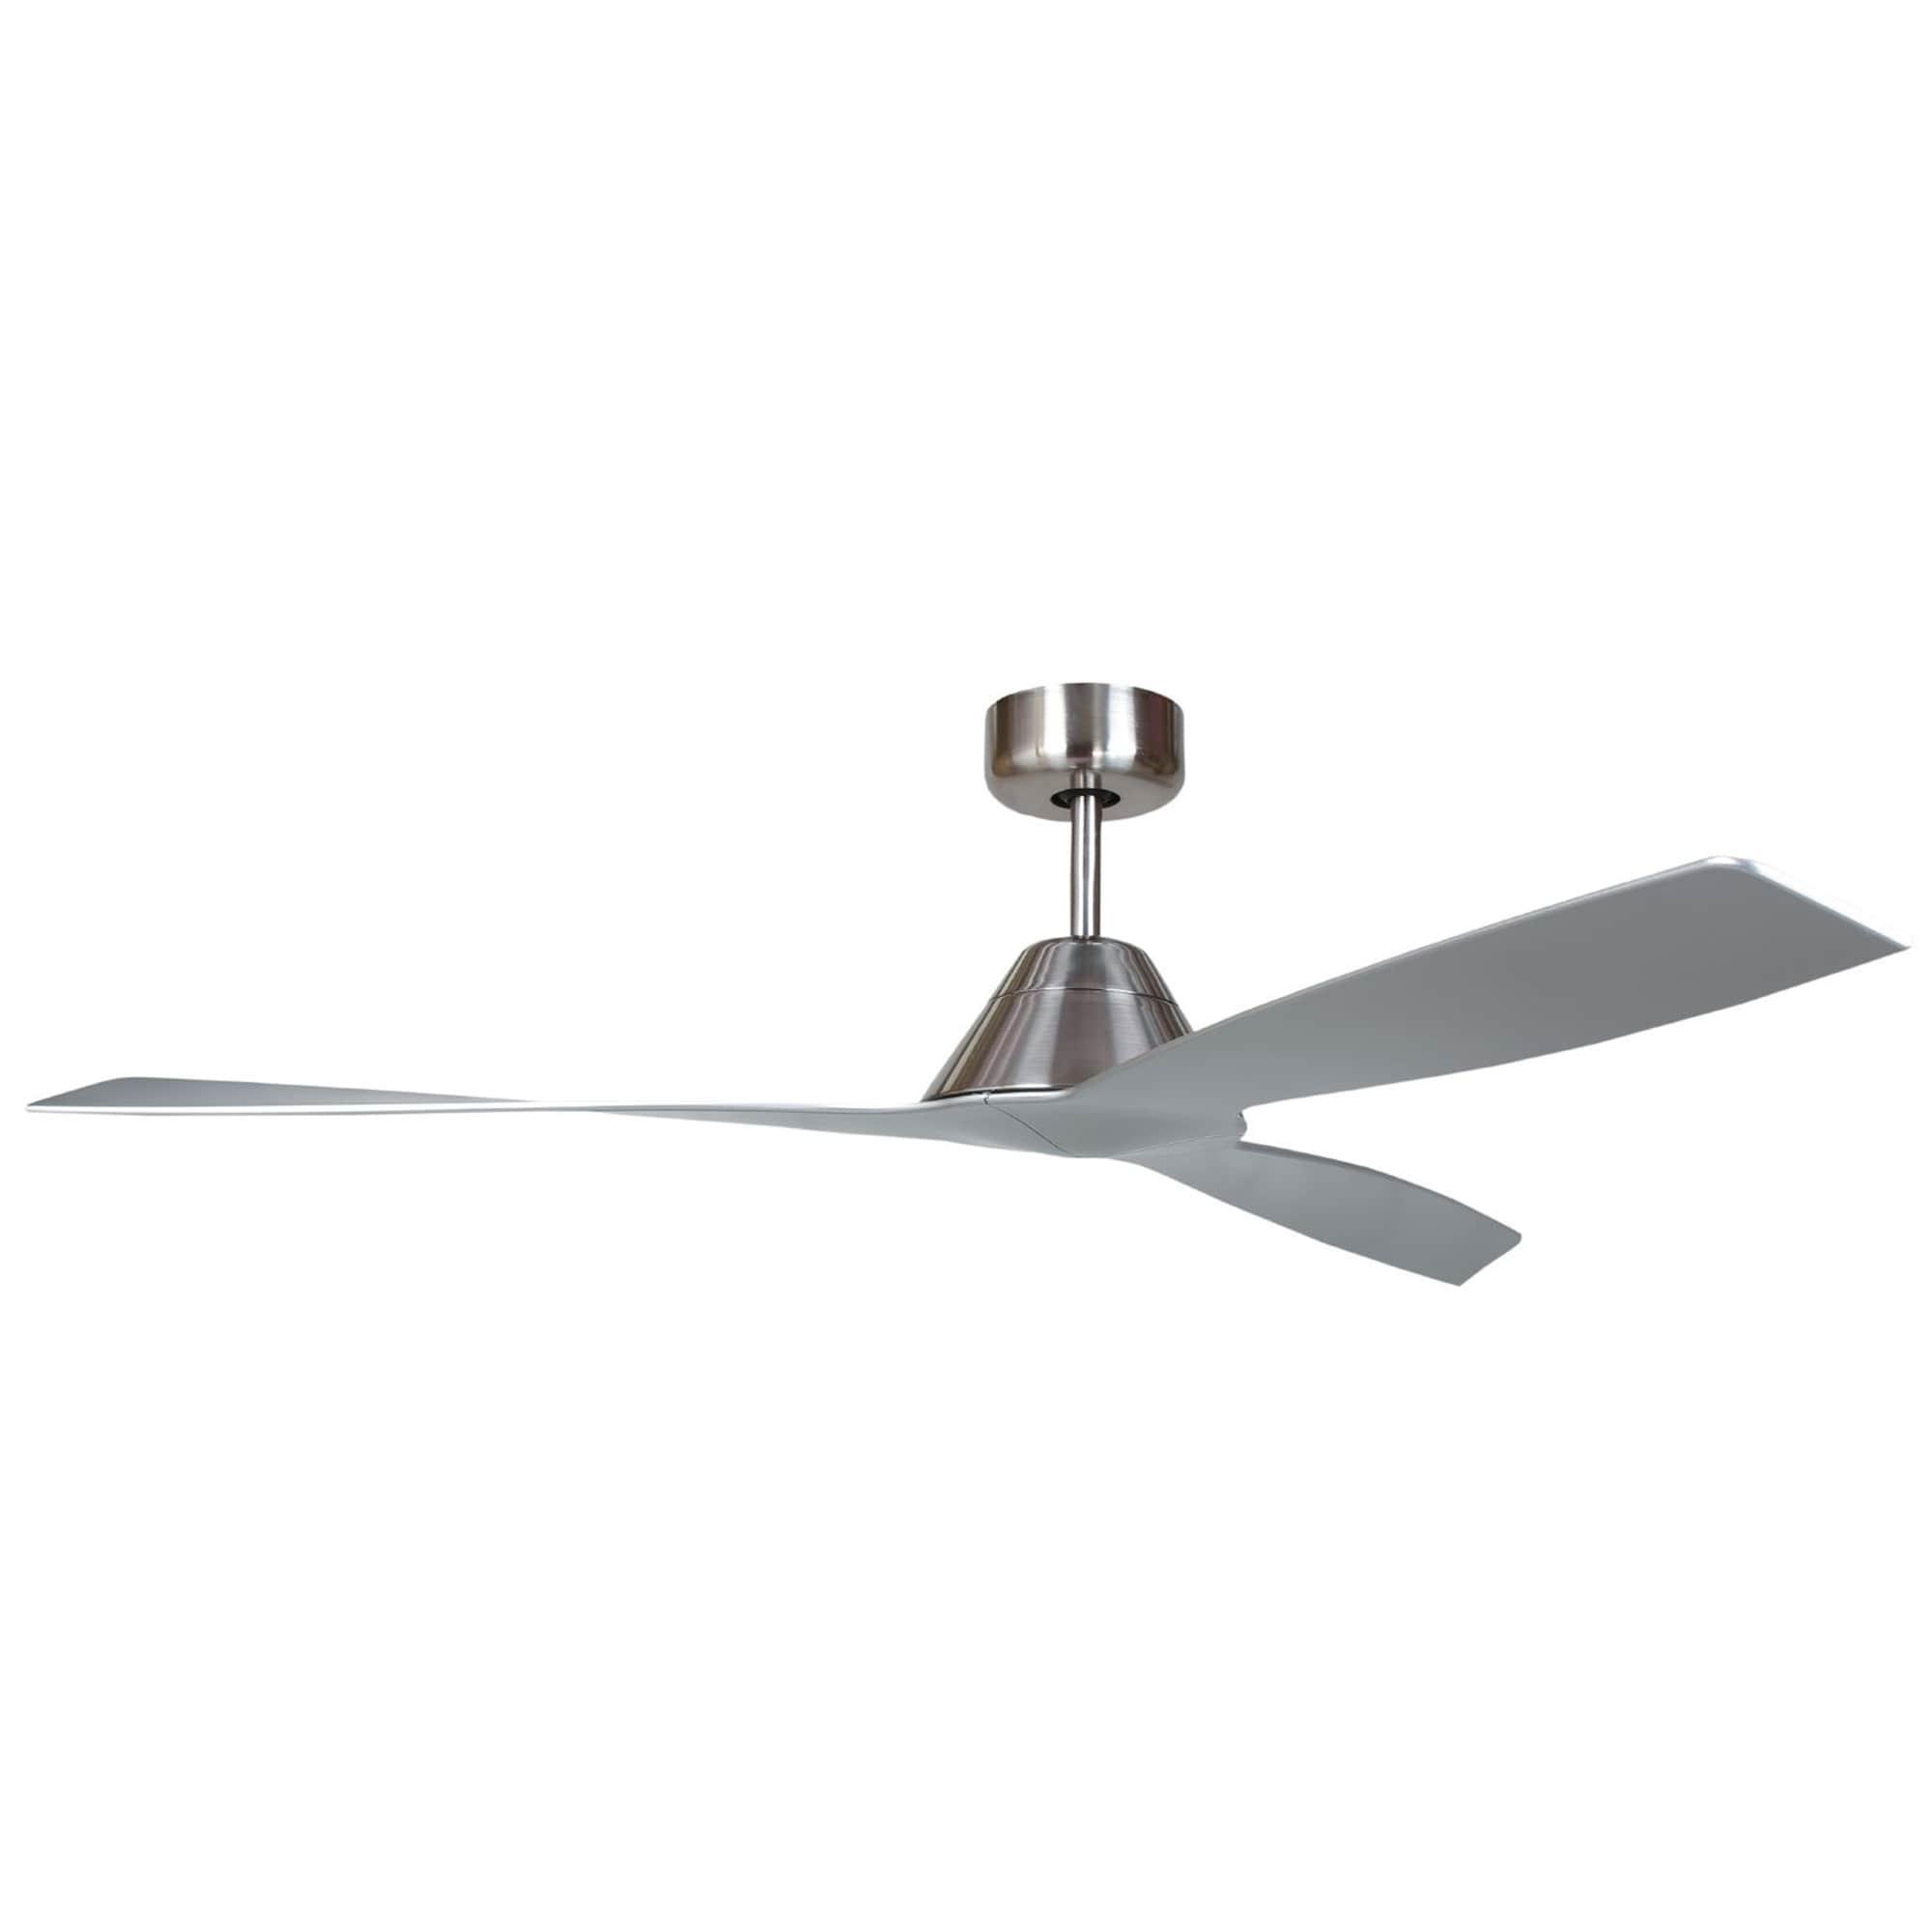 Bali1 Bn 3 Blade Ceiling Fan In